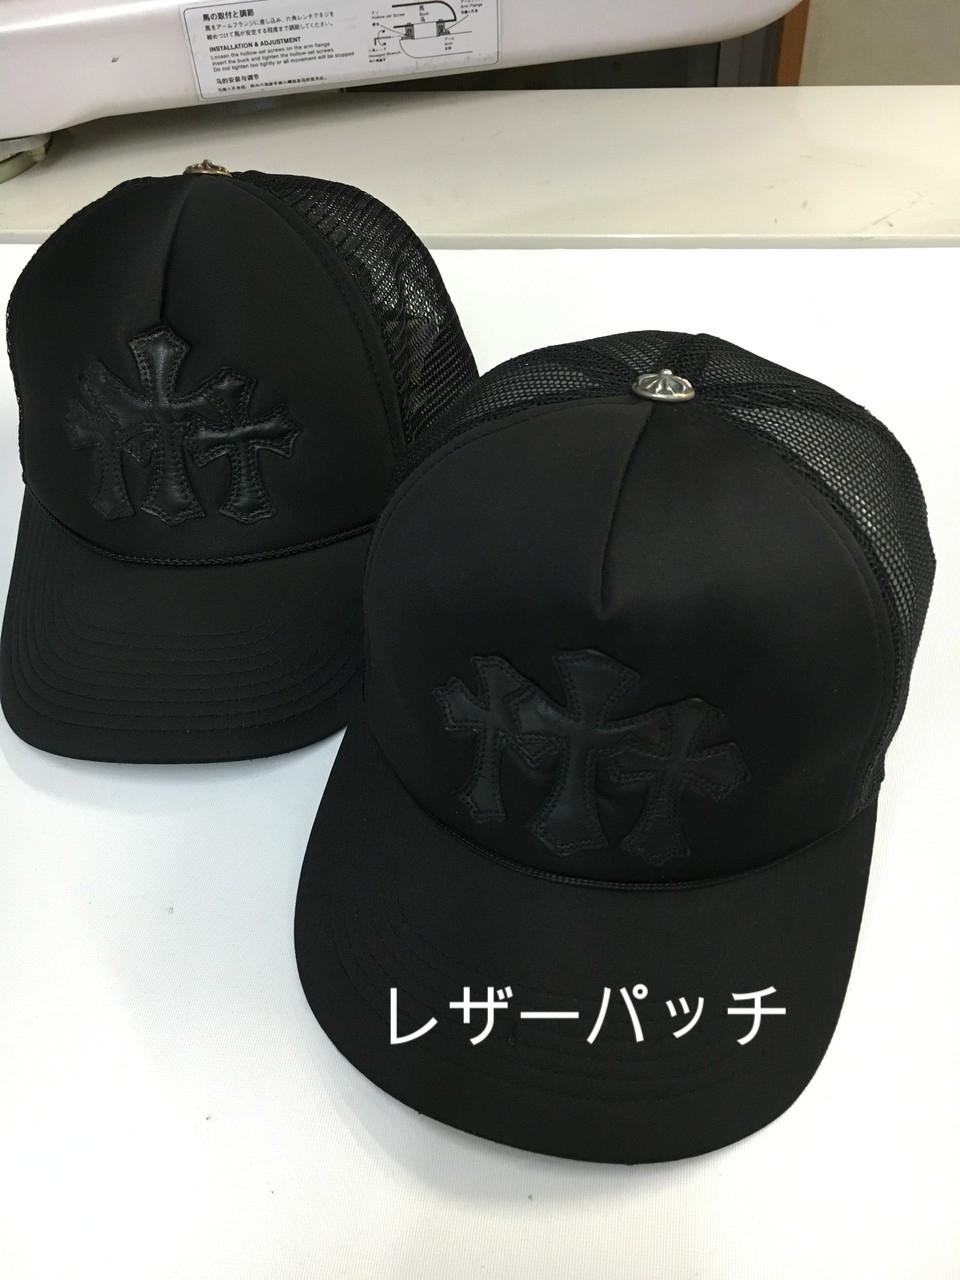 クロムハーツセメタリークロスは3500円+税です!